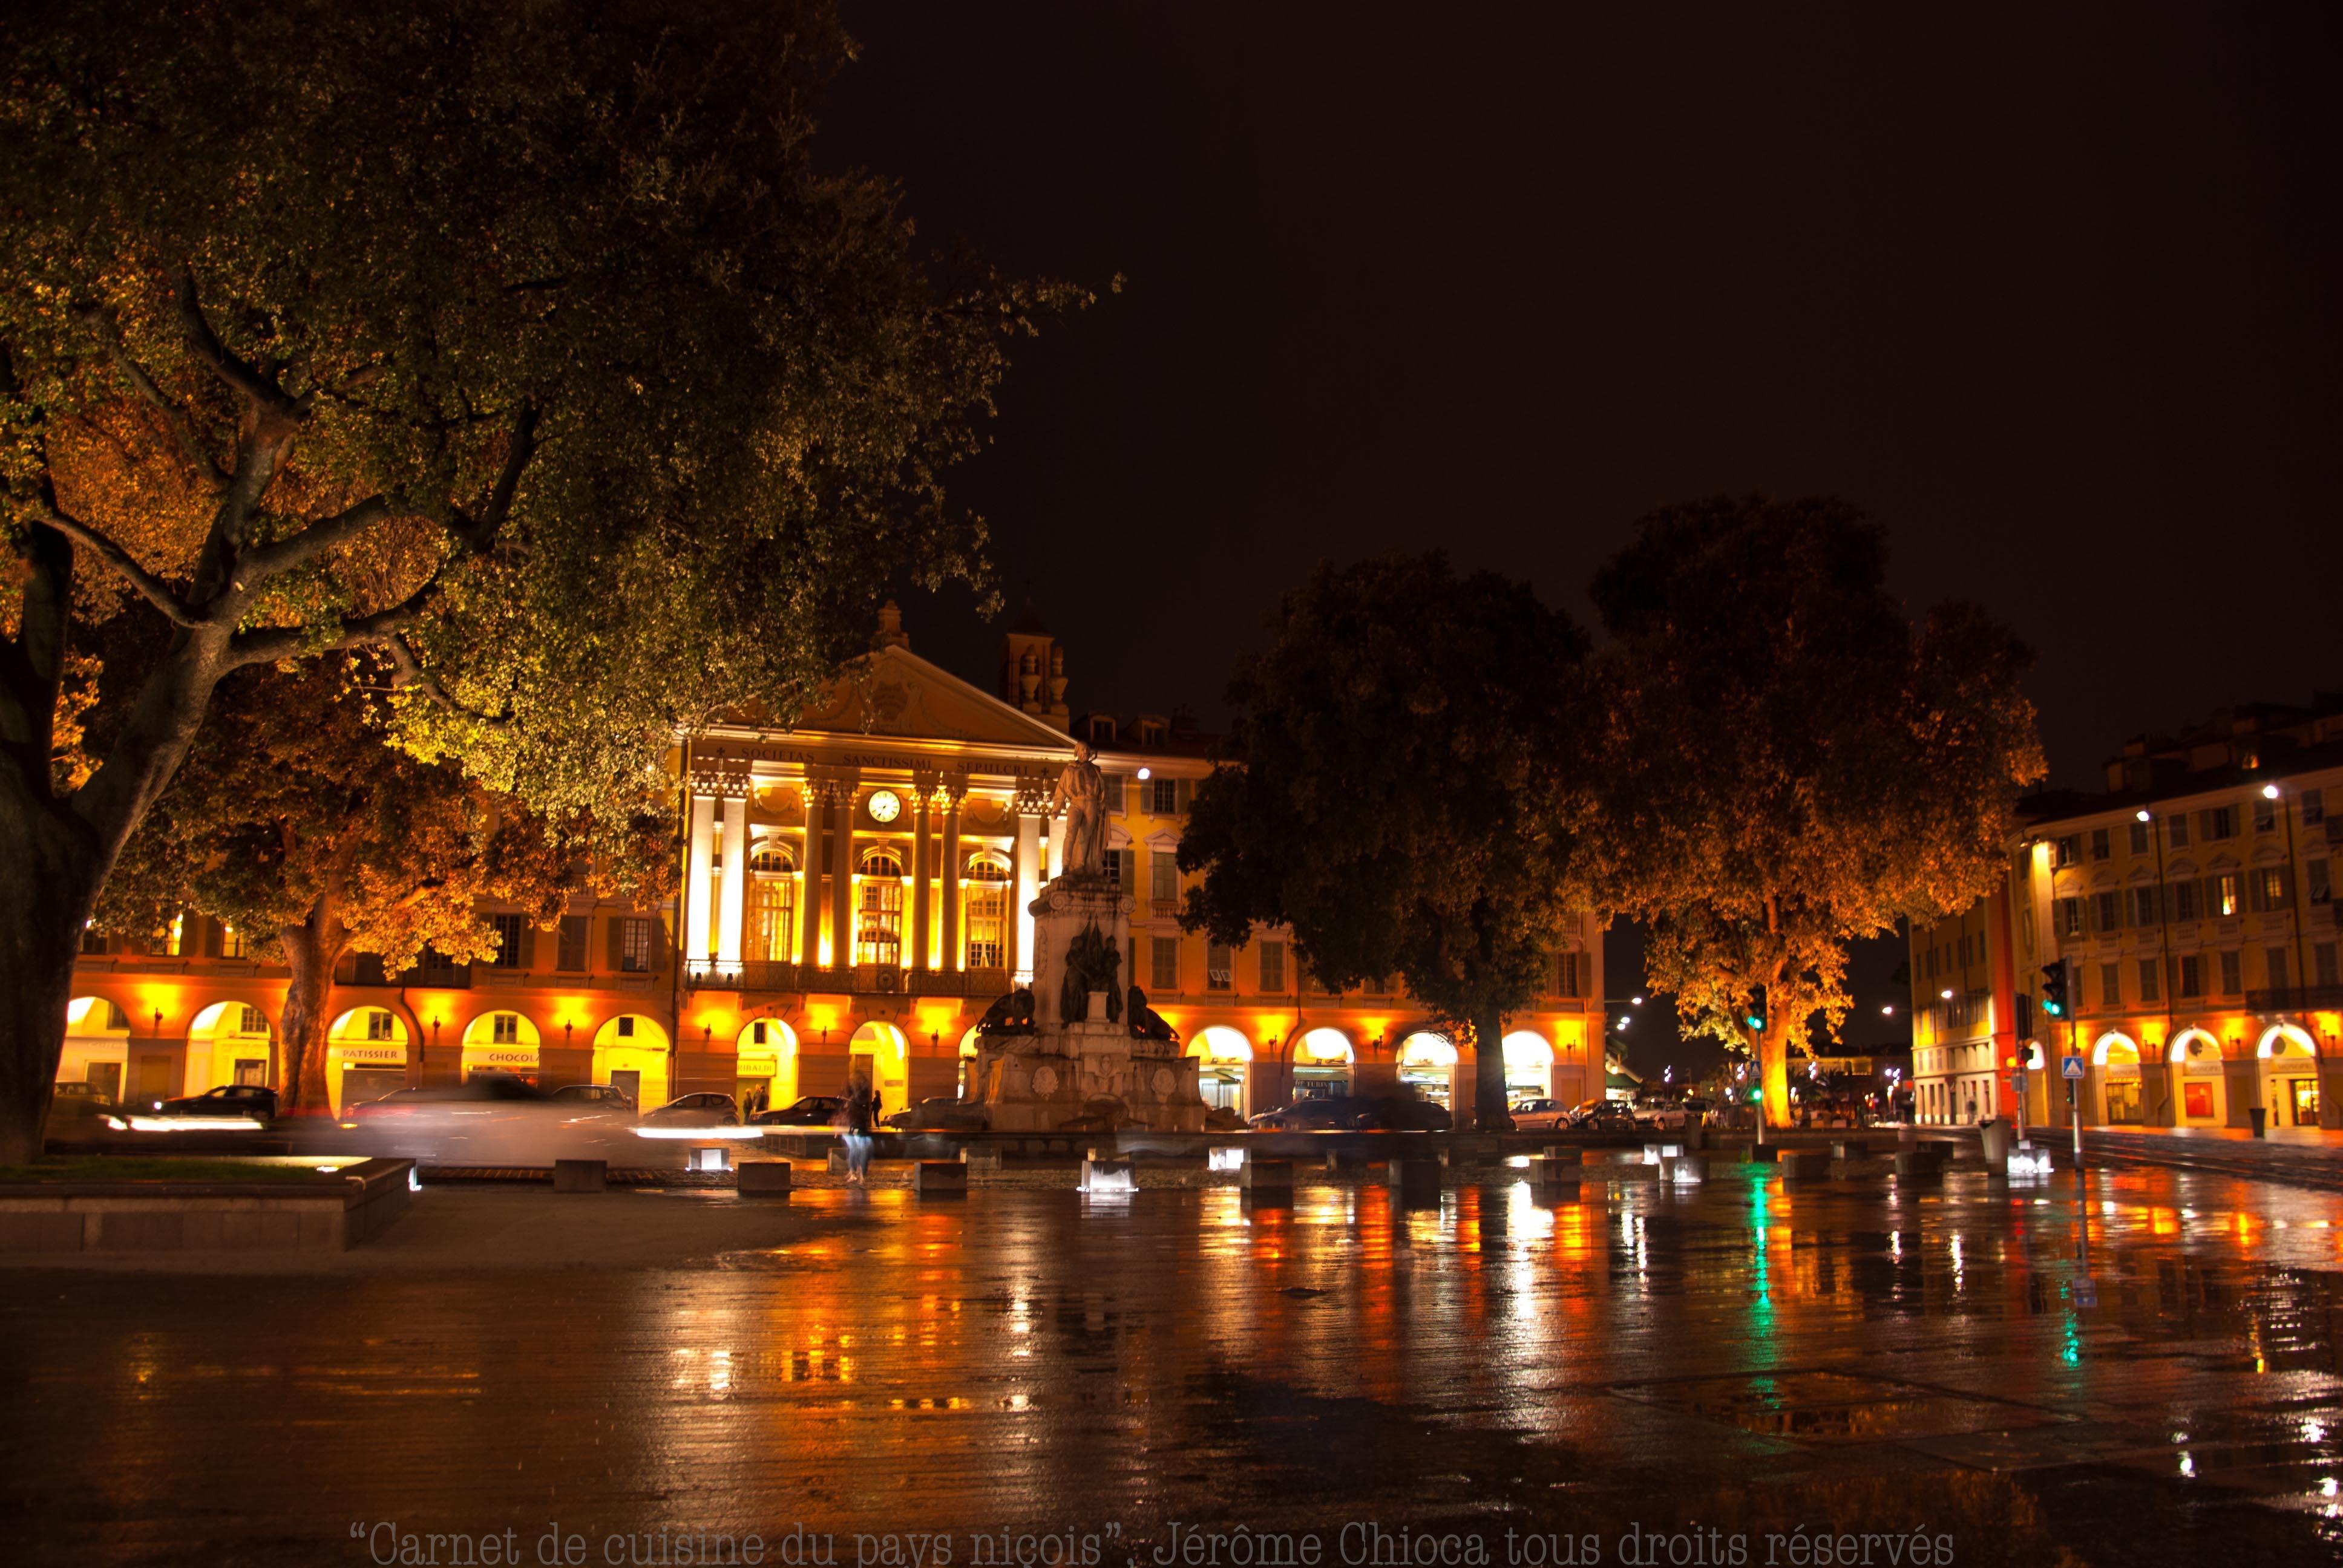 9 la place Garibaldi, by night et sous la pluie 1-2